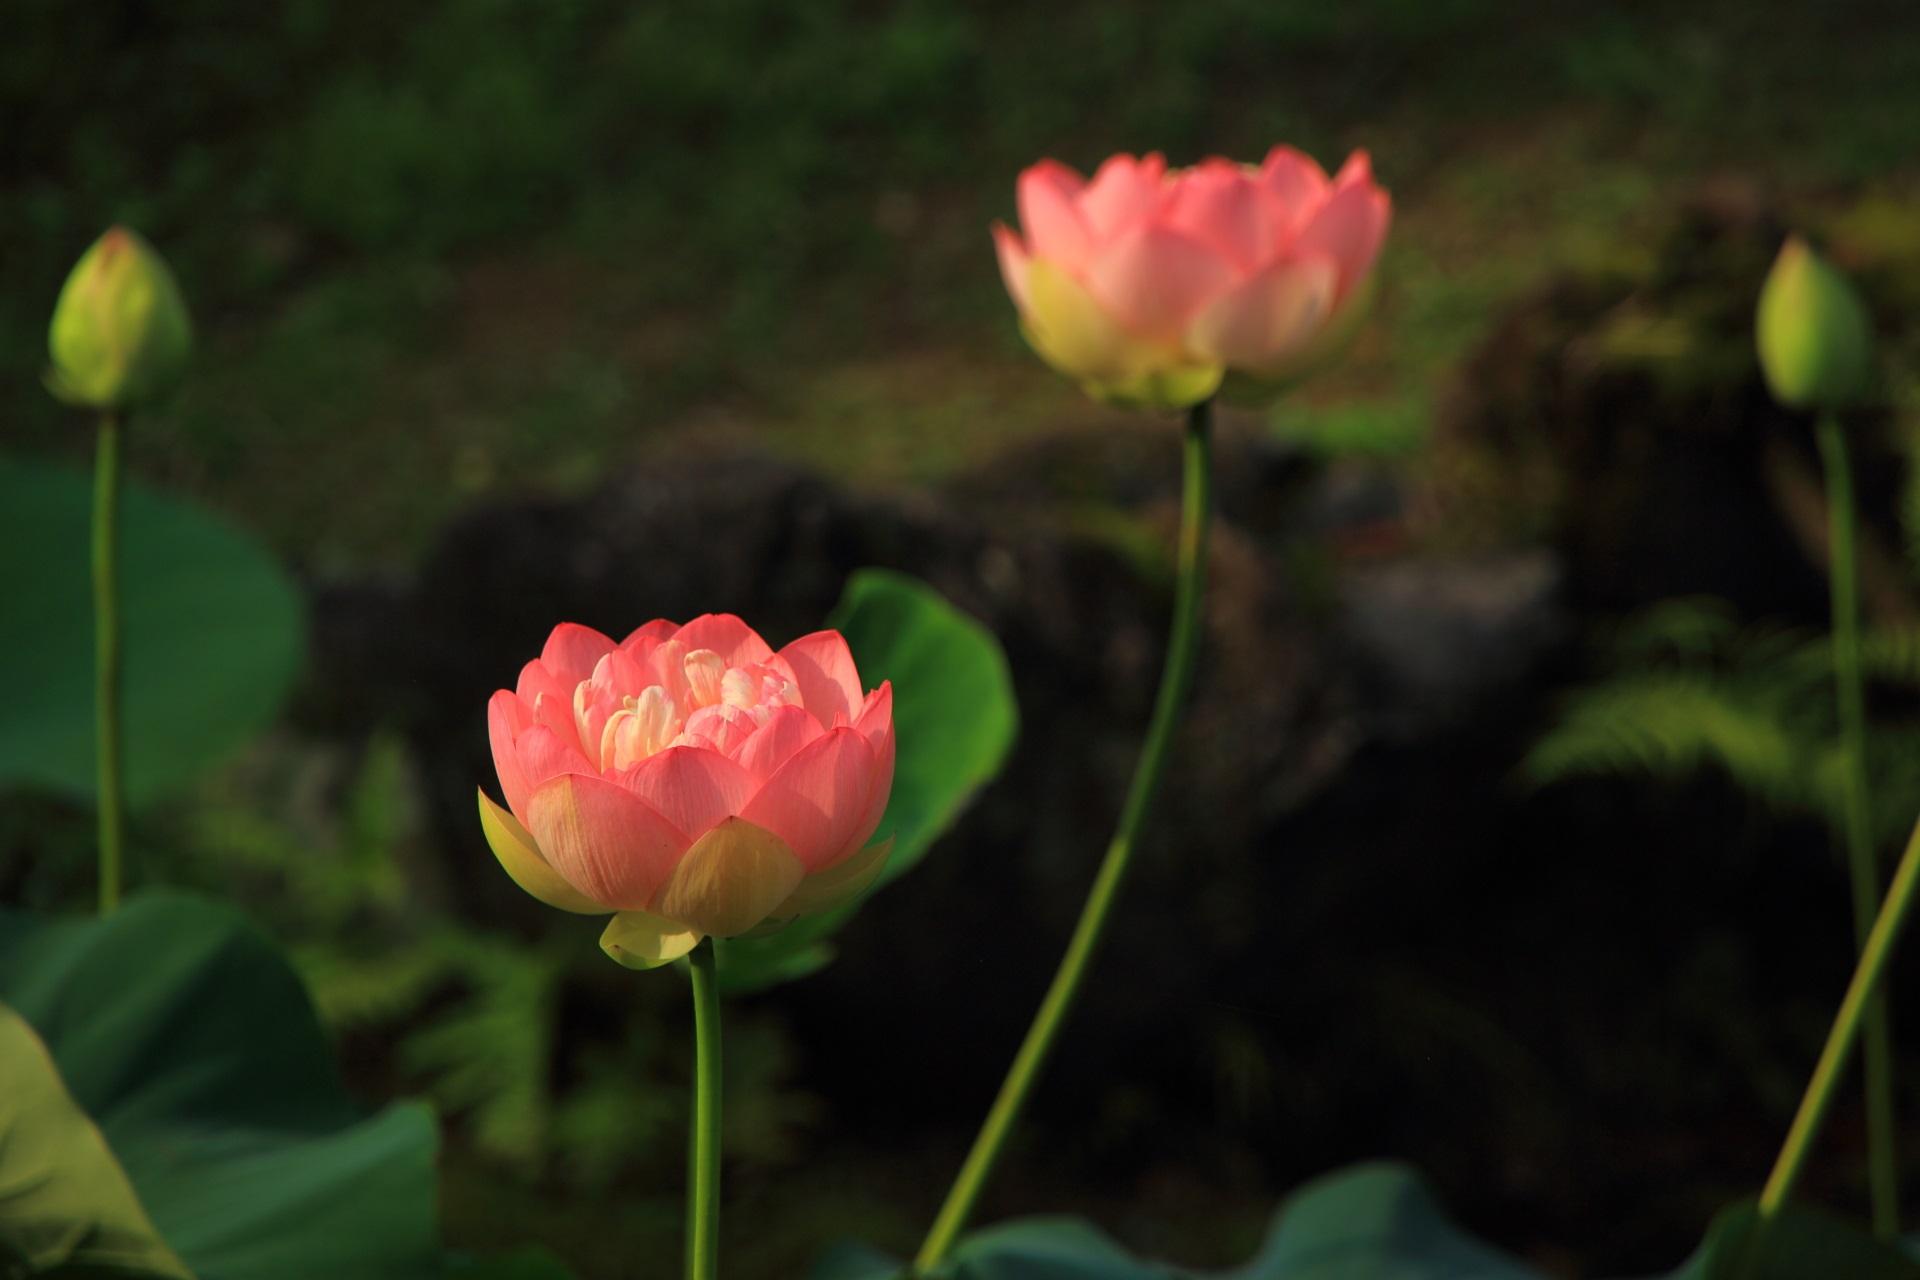 ほんのりと光るように咲く智積院のピンクのハス